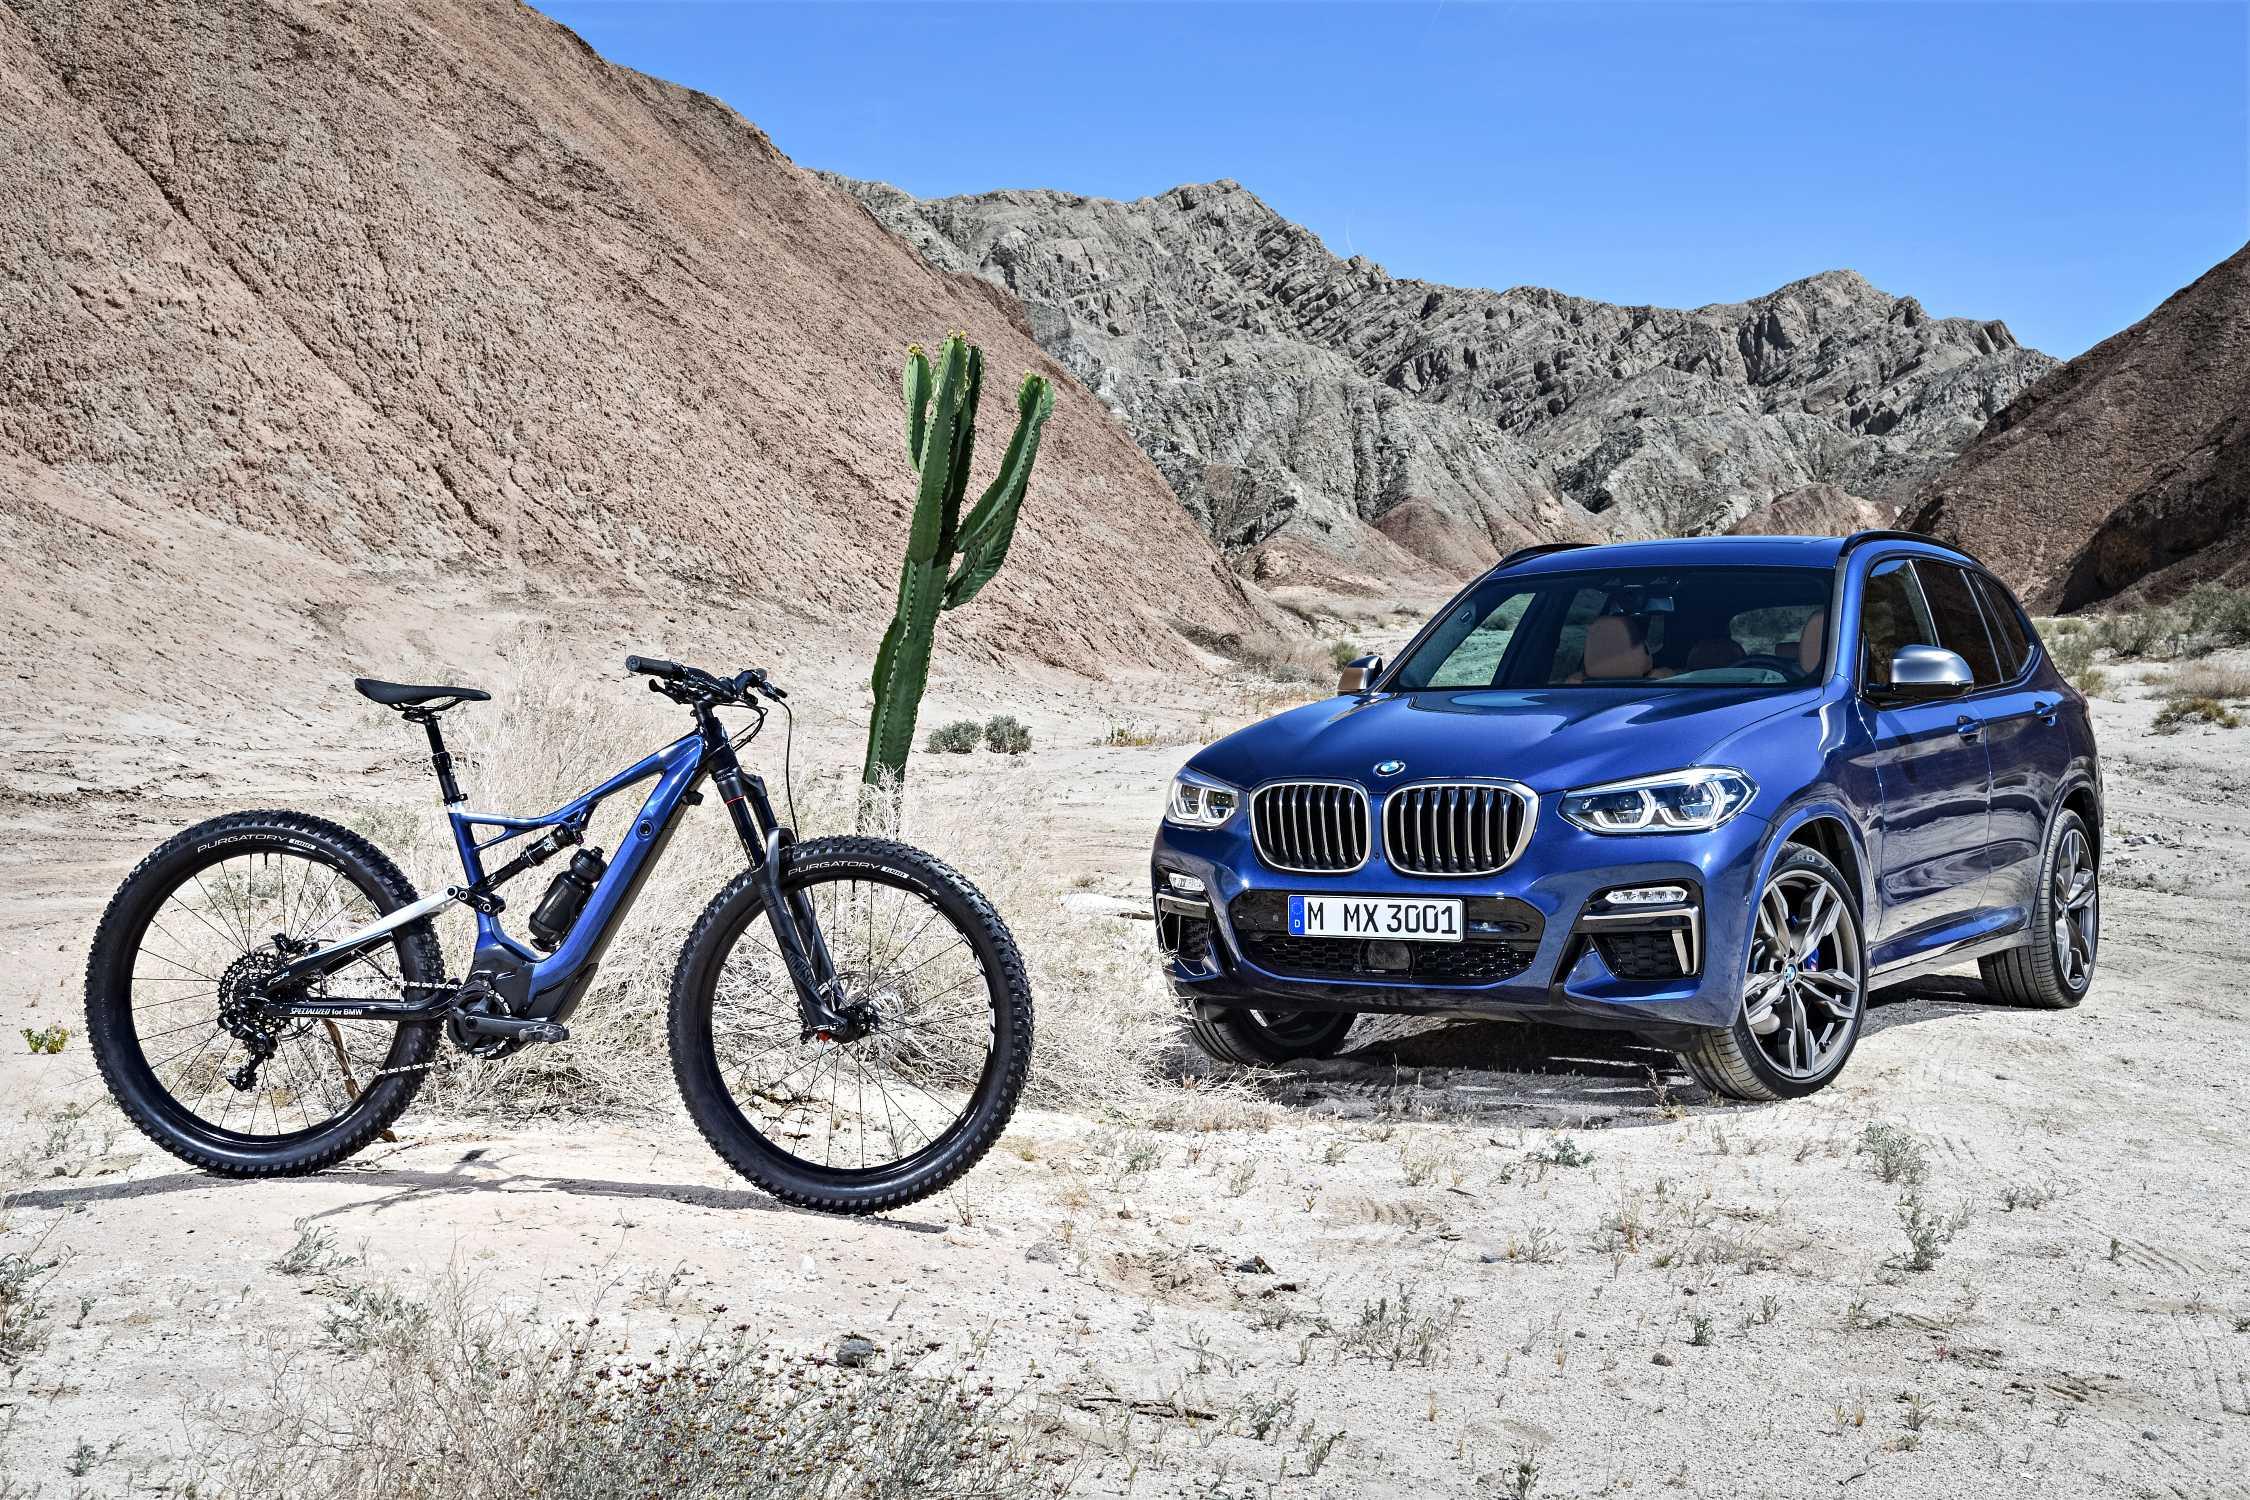 The new SPECIALIZED for BMW Turbo Levo FSR 6Fattie and the new BMW X3 xDrive M40i (06/2017).